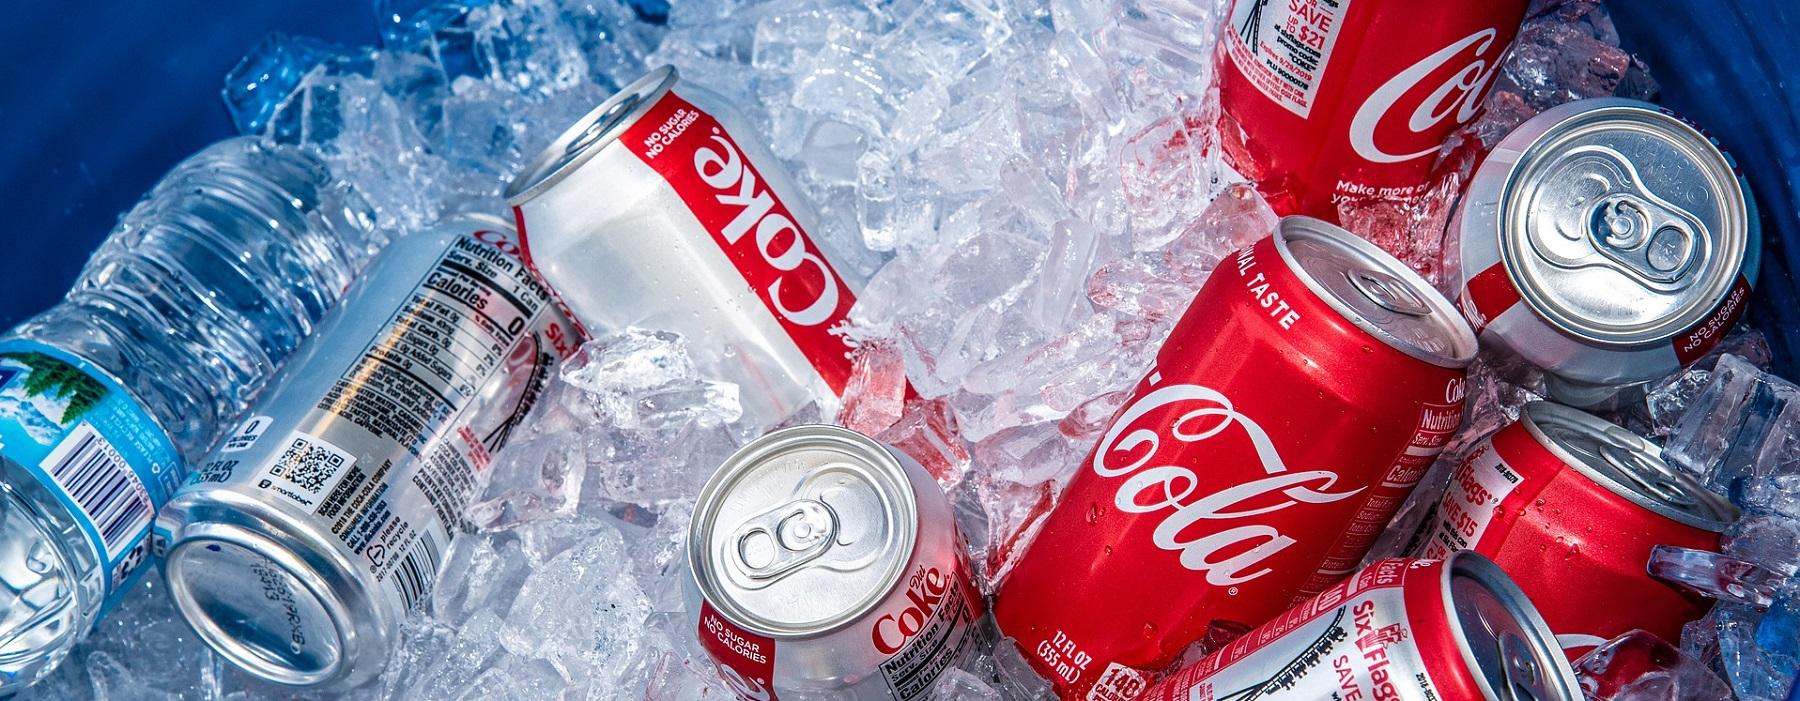 Nouvelle recette Coca-Cola : nouveau goût, nouveau style